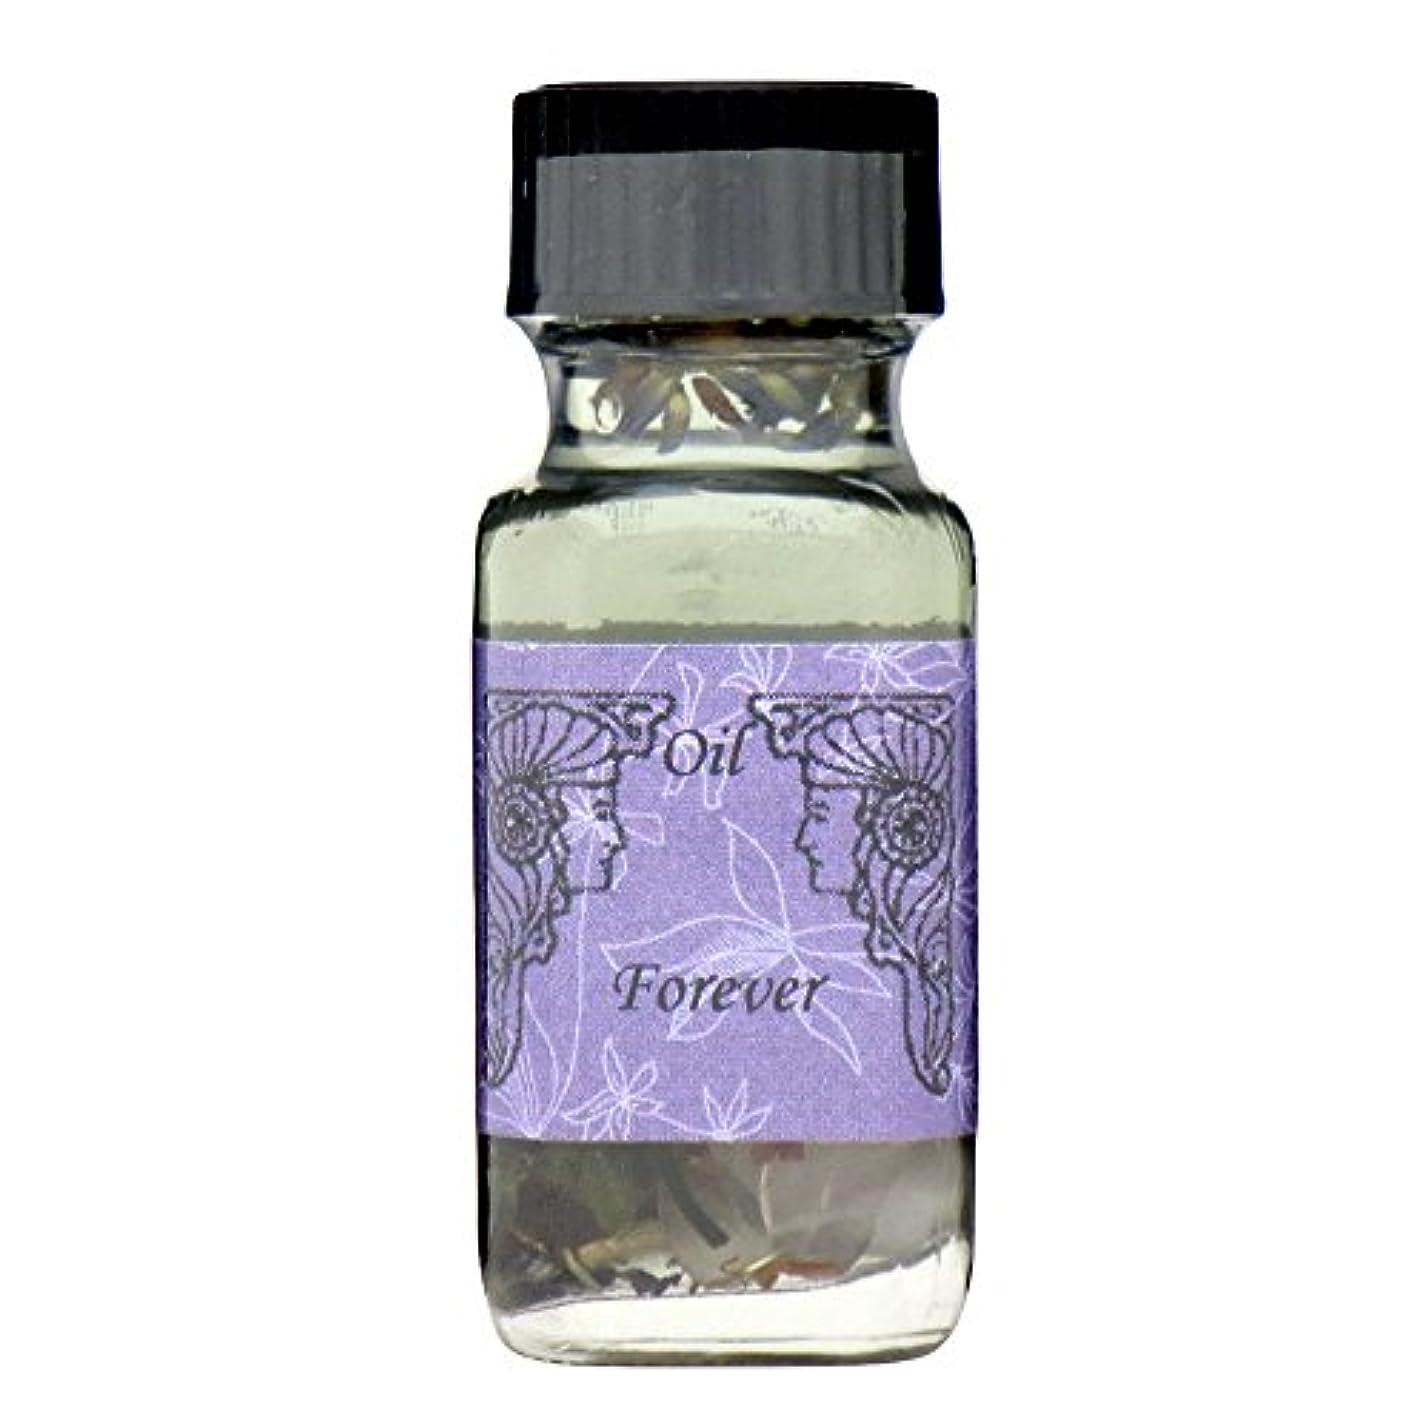 くつろぎメリー探検アンシェントメモリーオイル フォーエバー (永続的な関係) 15ml (Ancient Memory Oils)